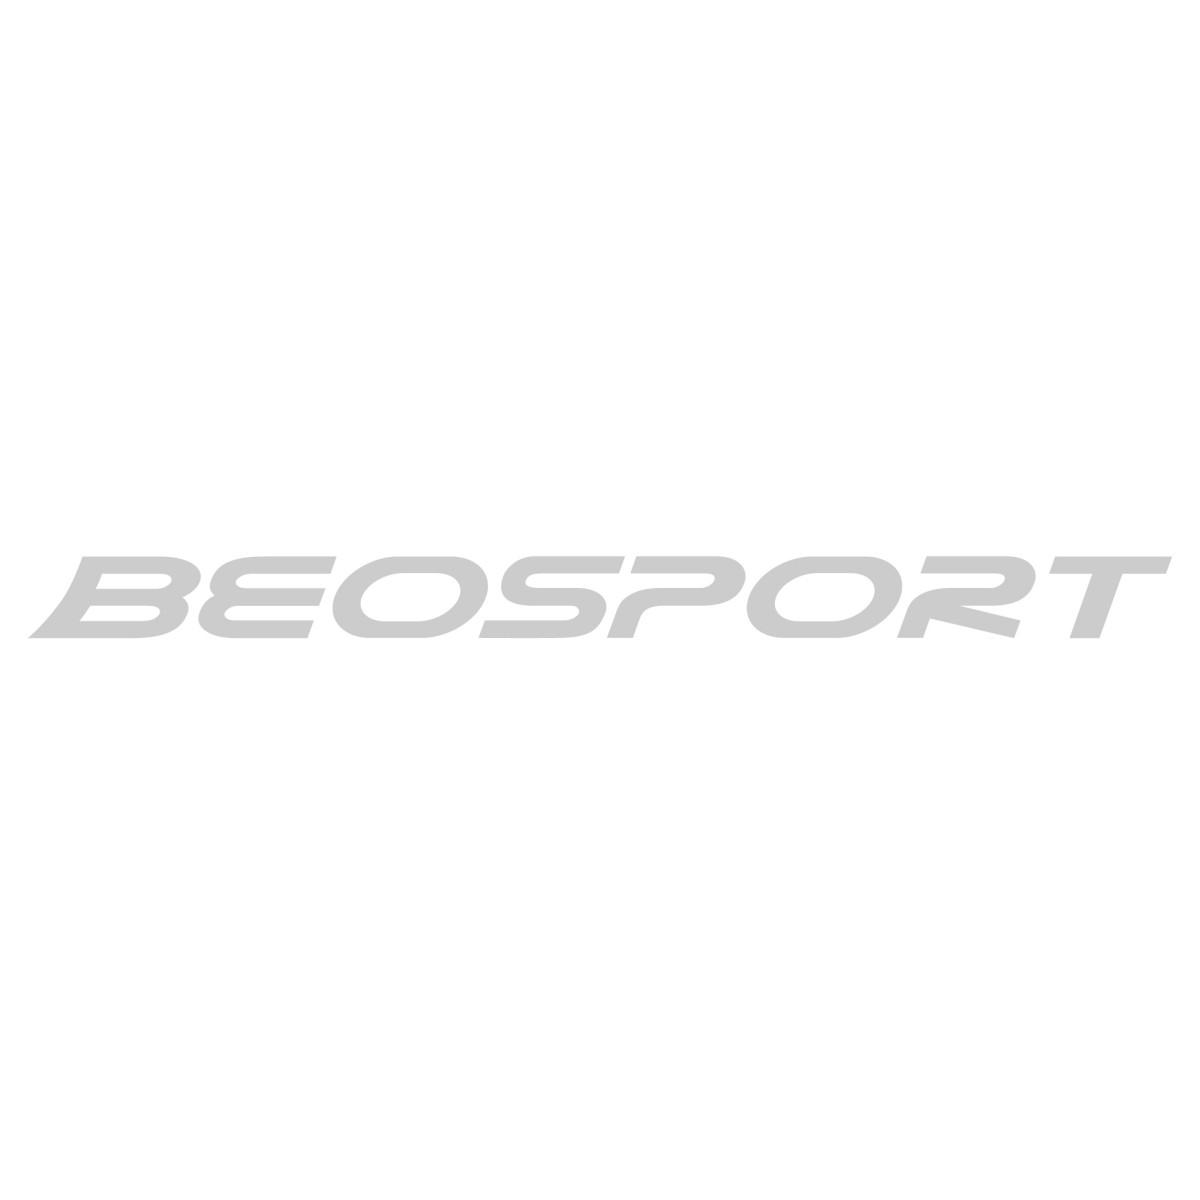 Specialized Bg Comfort Gel sedište za bicikl